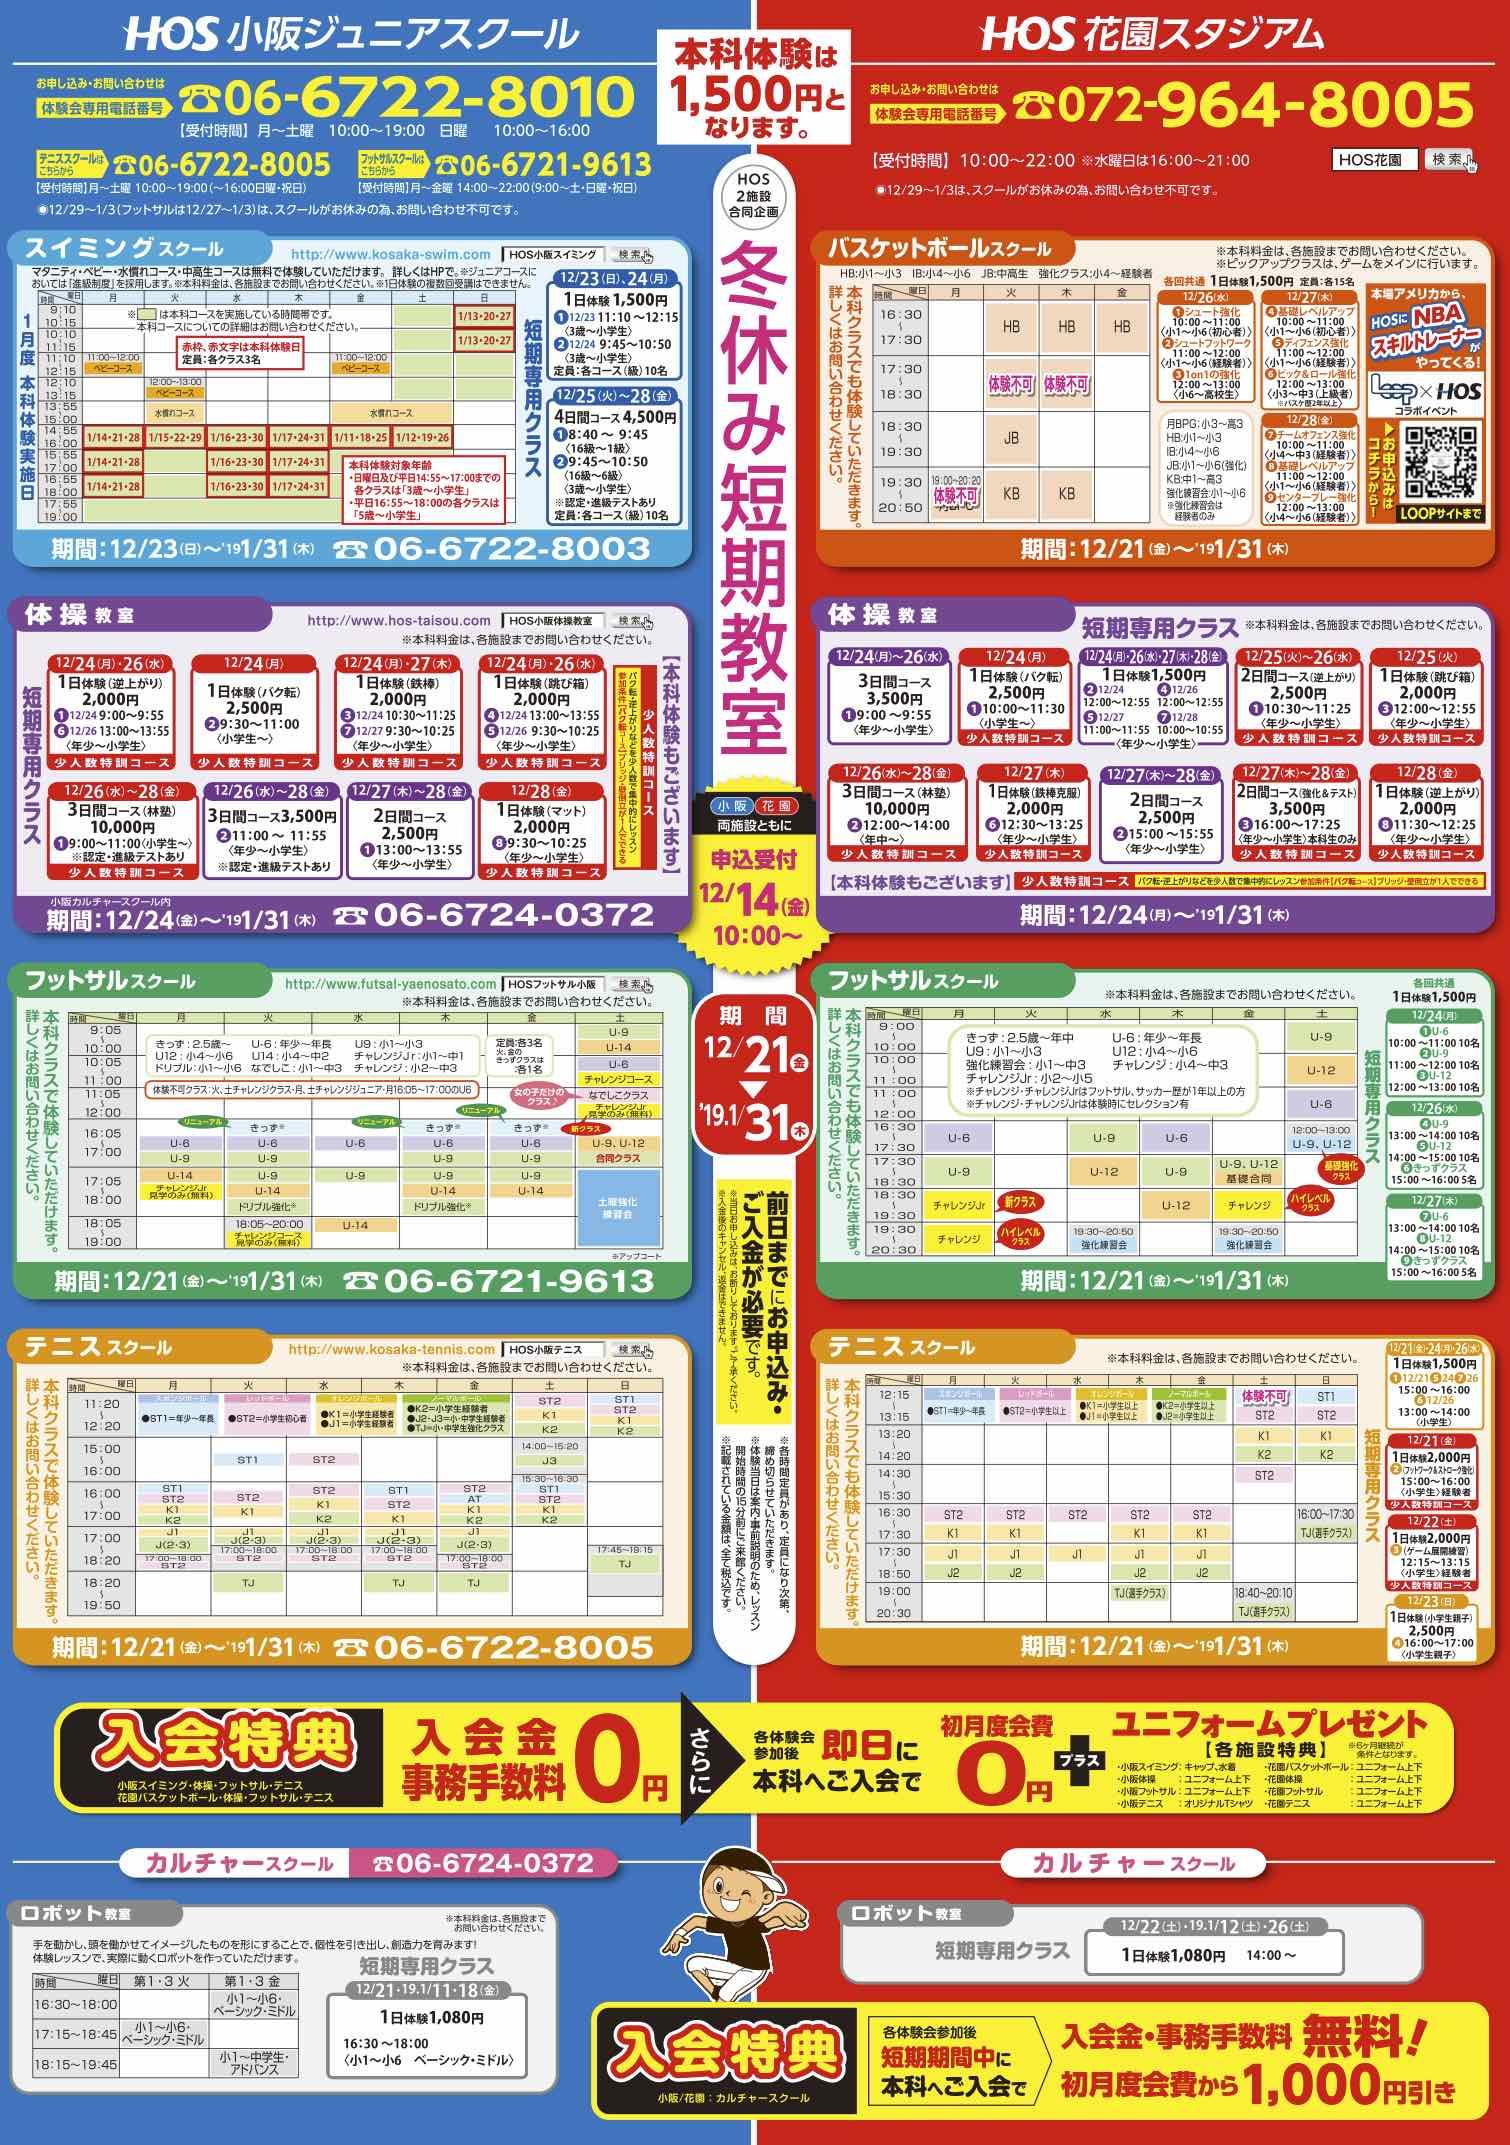 kosaka-hanazono-201812-tanki-02